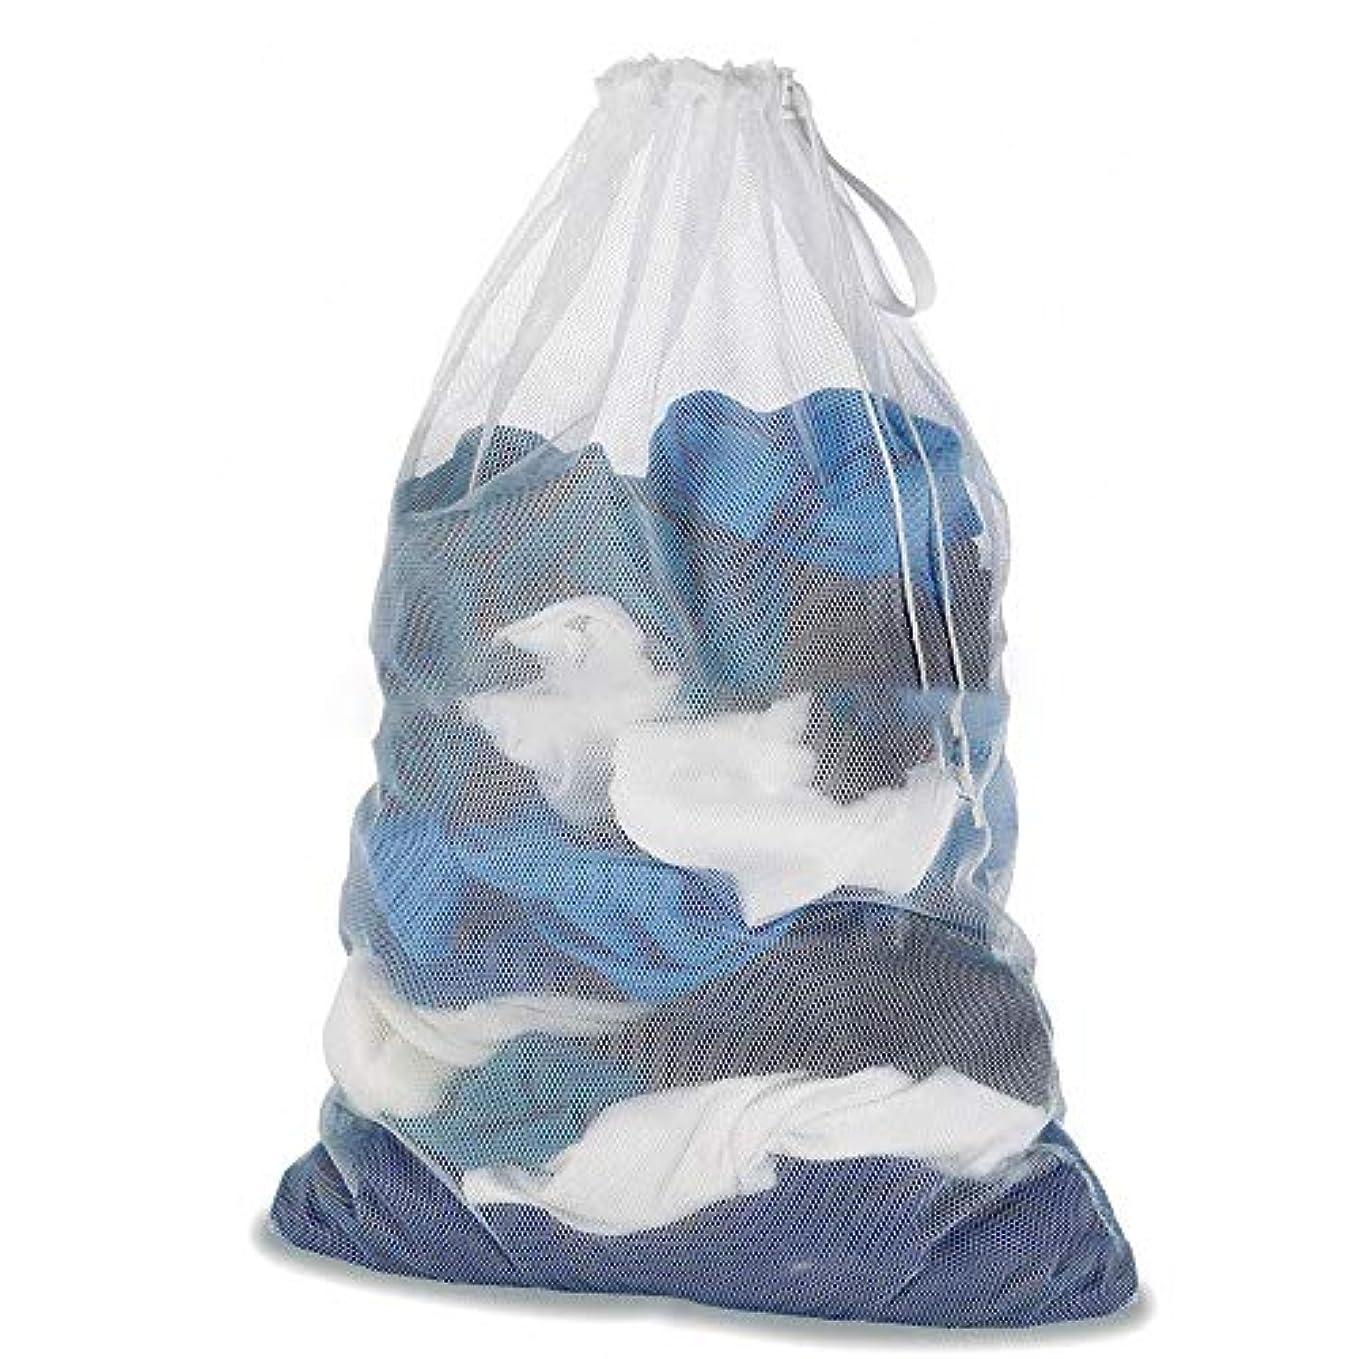 ユーザー汚れた平和な赤ん坊の衣服、ドローストリングが付いているジャケットのカーテンのための大きい網の洗濯袋の洗濯袋 (マルチカラー)